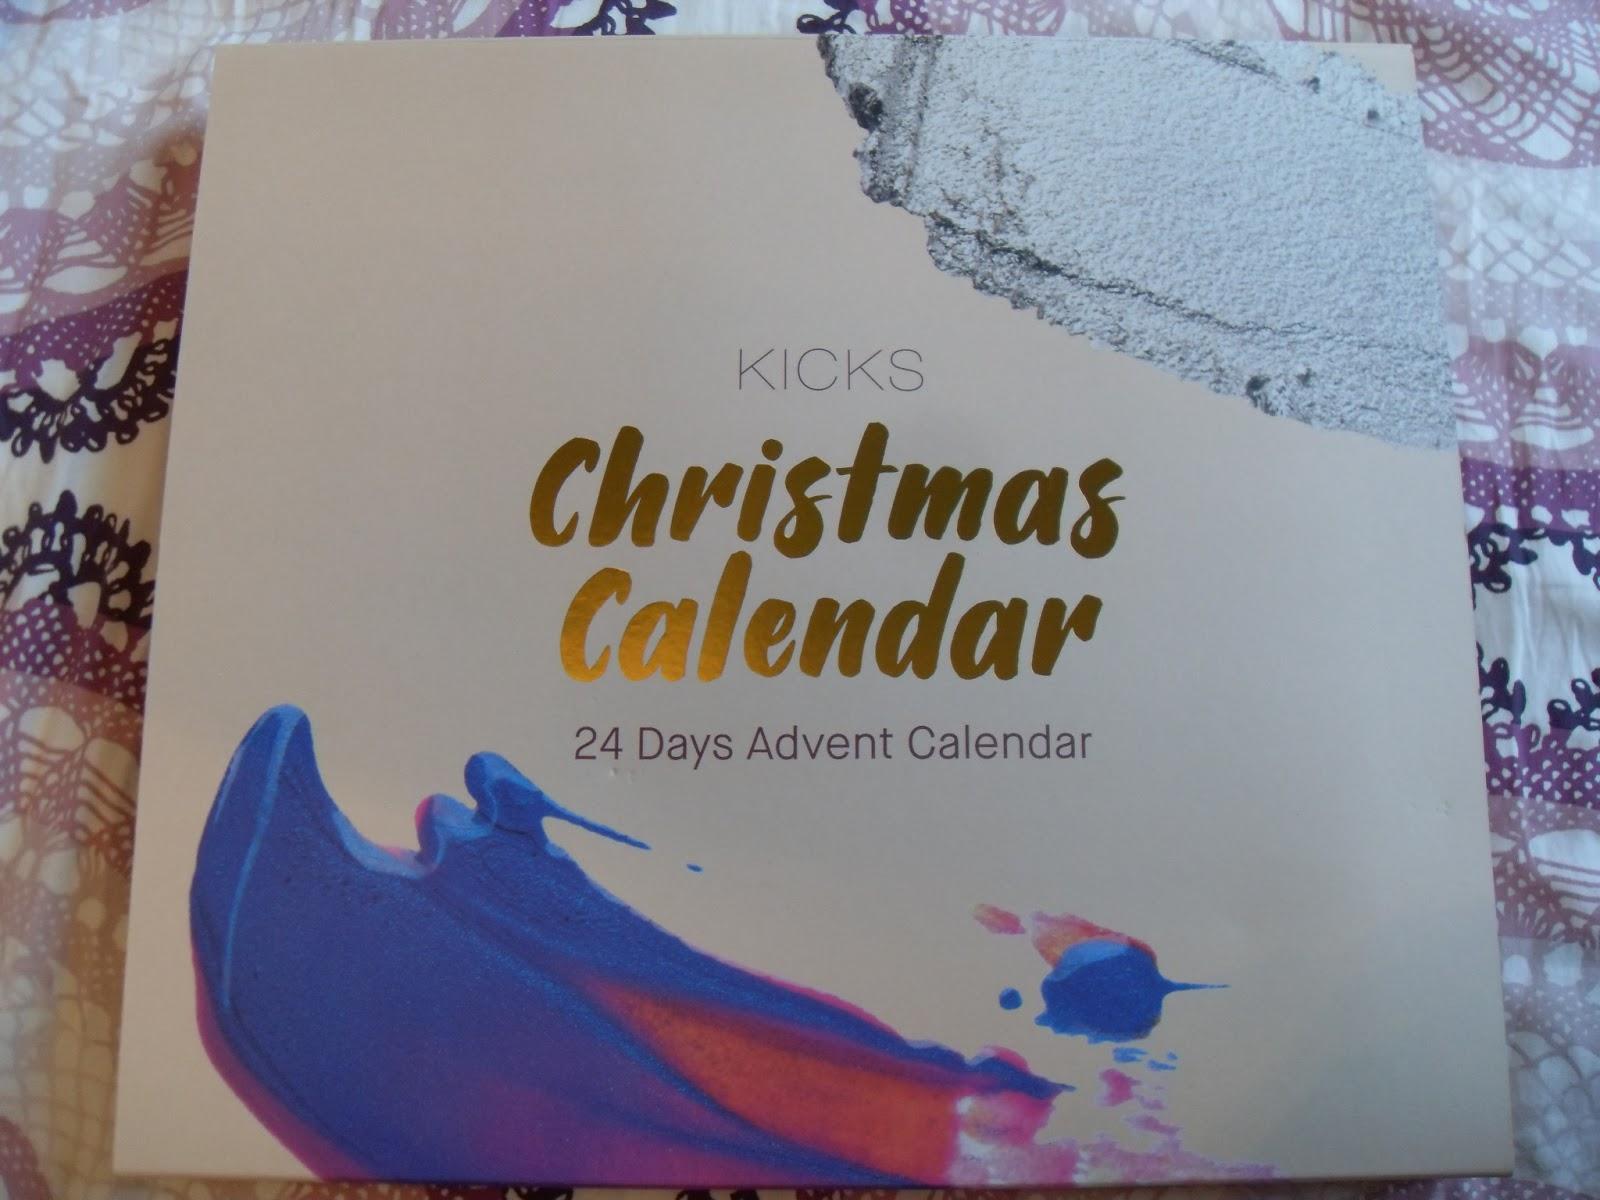 kicks joulukalenteri 2018 Vadelmahattarapilvi: Kicksin joulukalenteri, Hullujen päivien  kicks joulukalenteri 2018